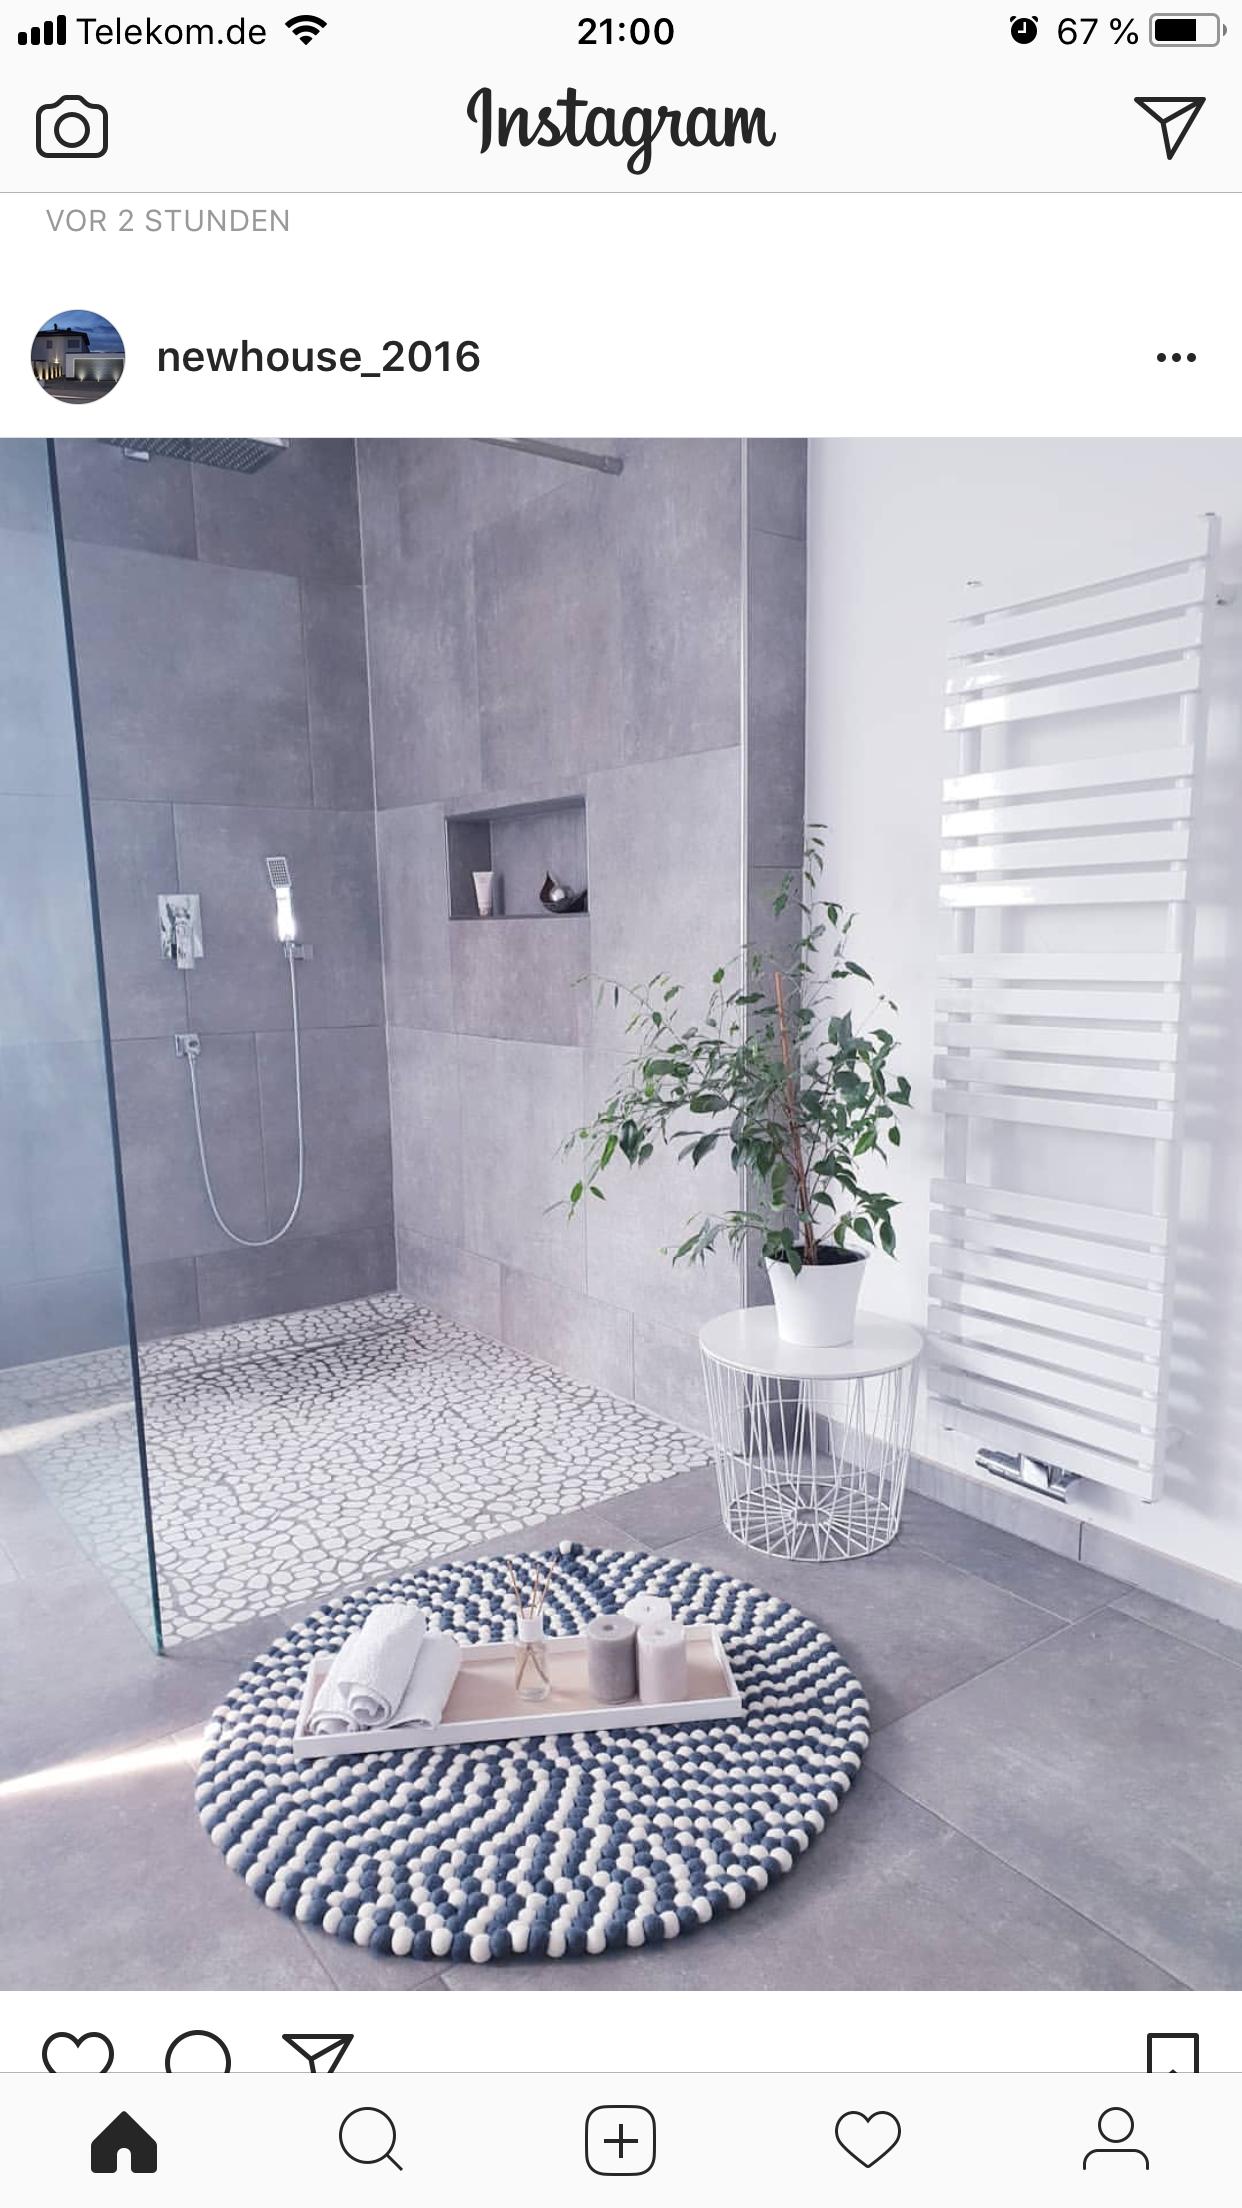 Choix Coloris Et Carrelage Kleine Fliesen Dusche Kleine Fliesen Badezimmer